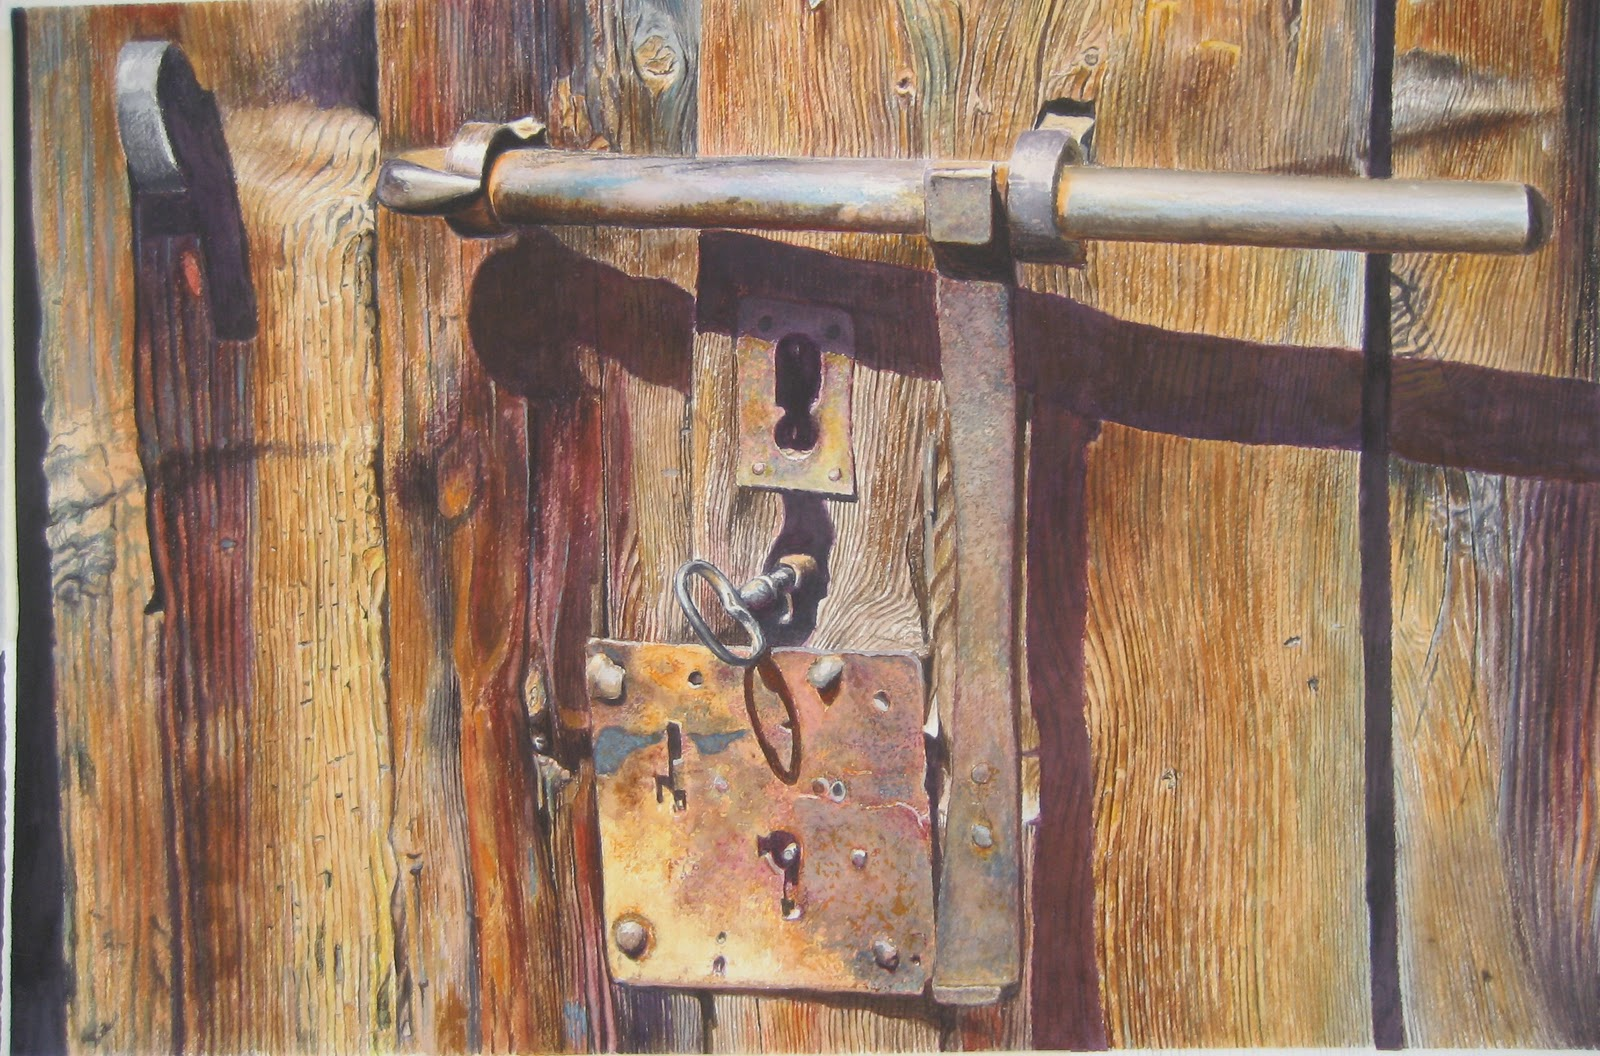 Pinturas cuadros lienzos puertas de casa viejas al oleo for Pintar puertas de madera viejas